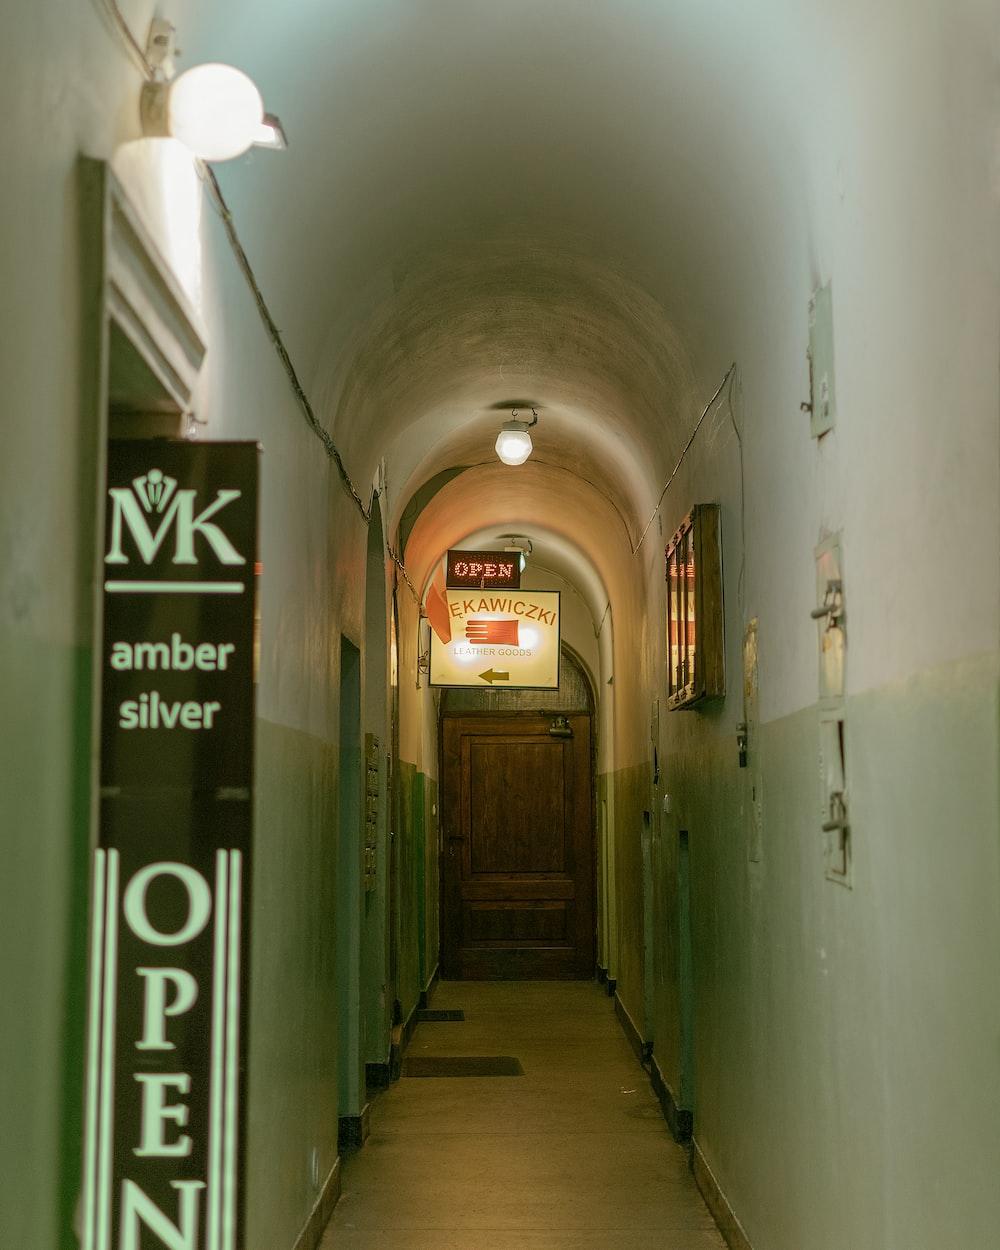 hallway with green metal doors